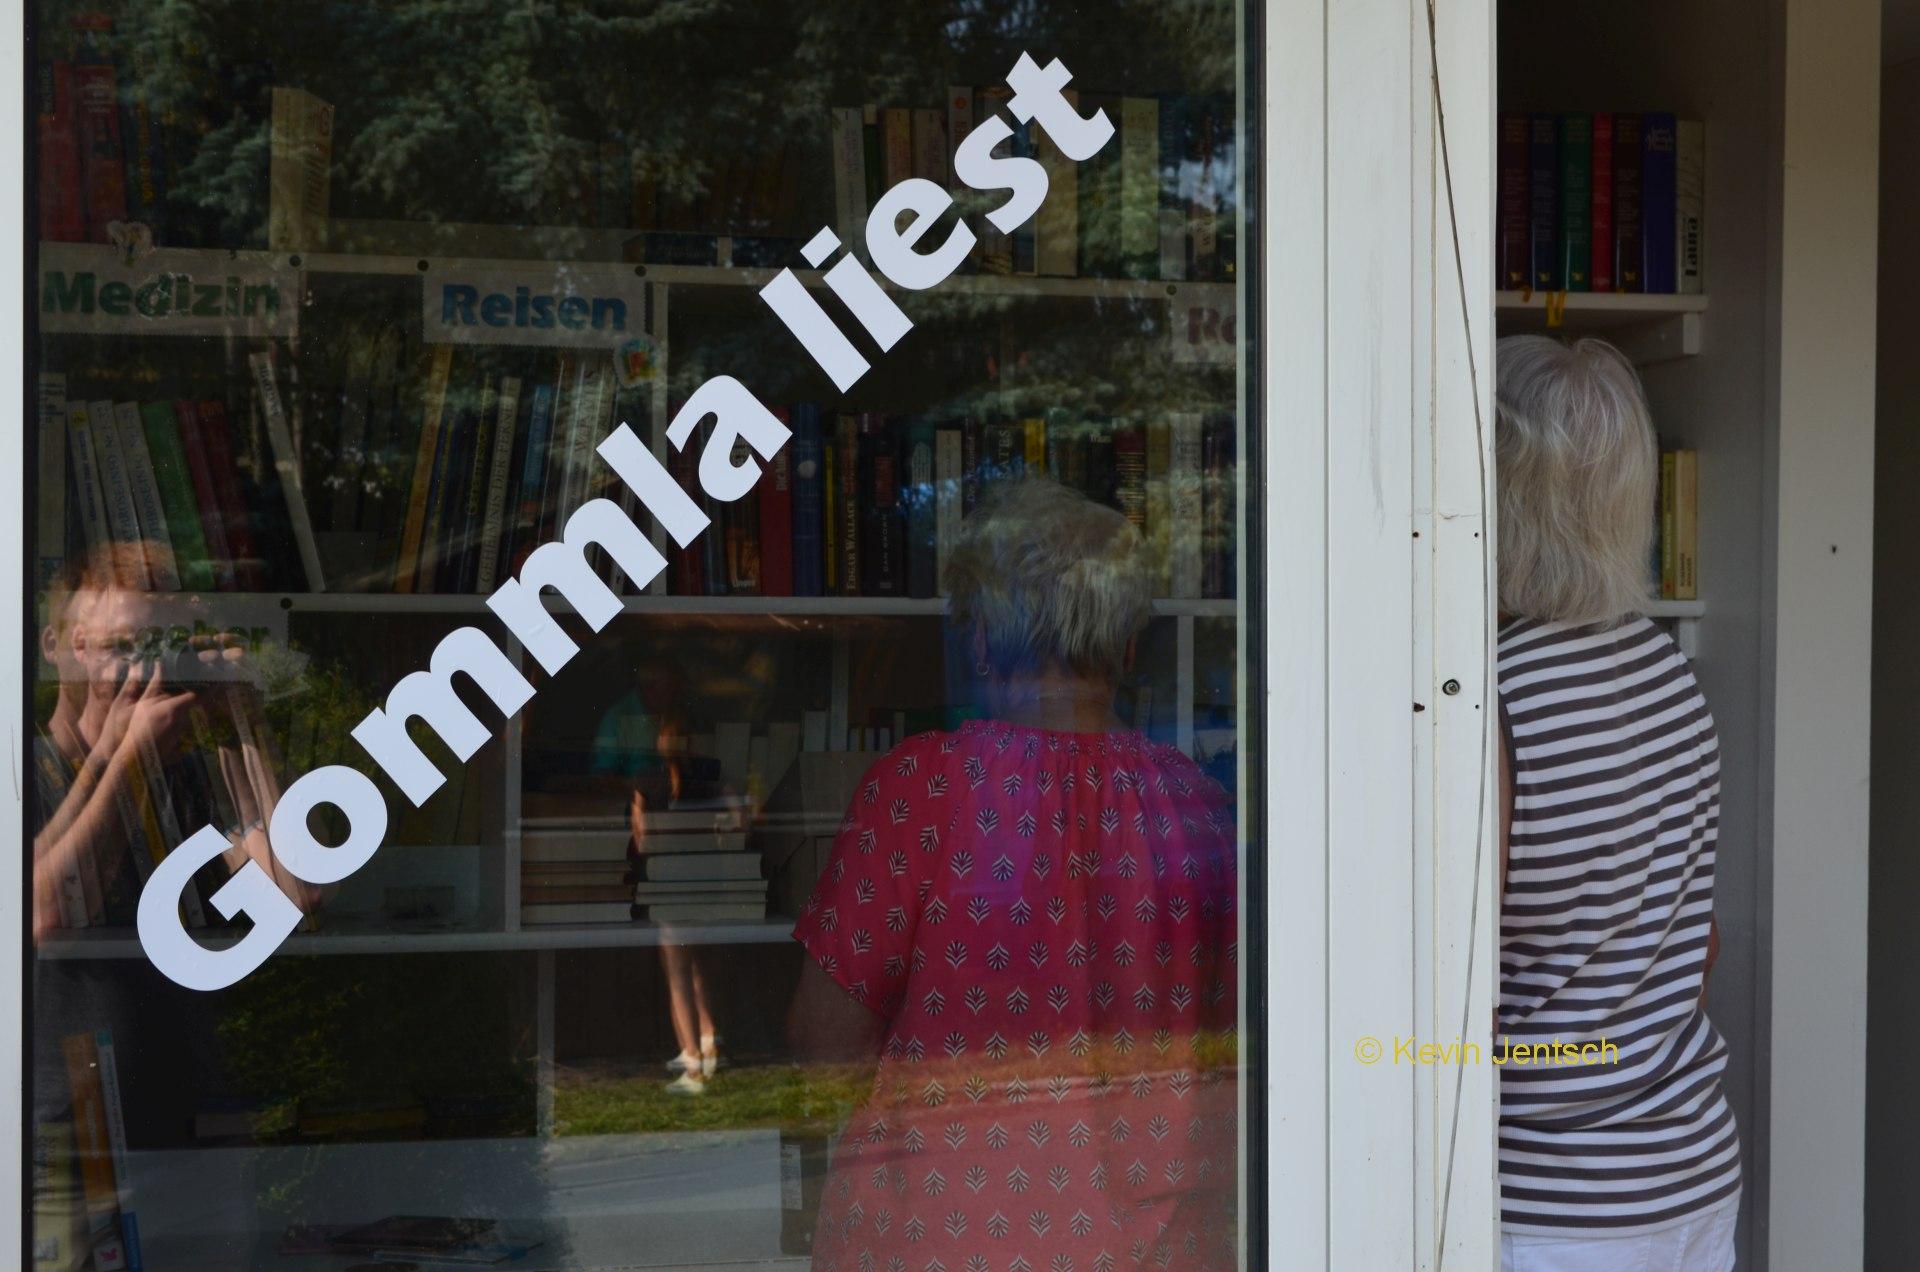 Gommla hat Treffpunkt für Leseratten